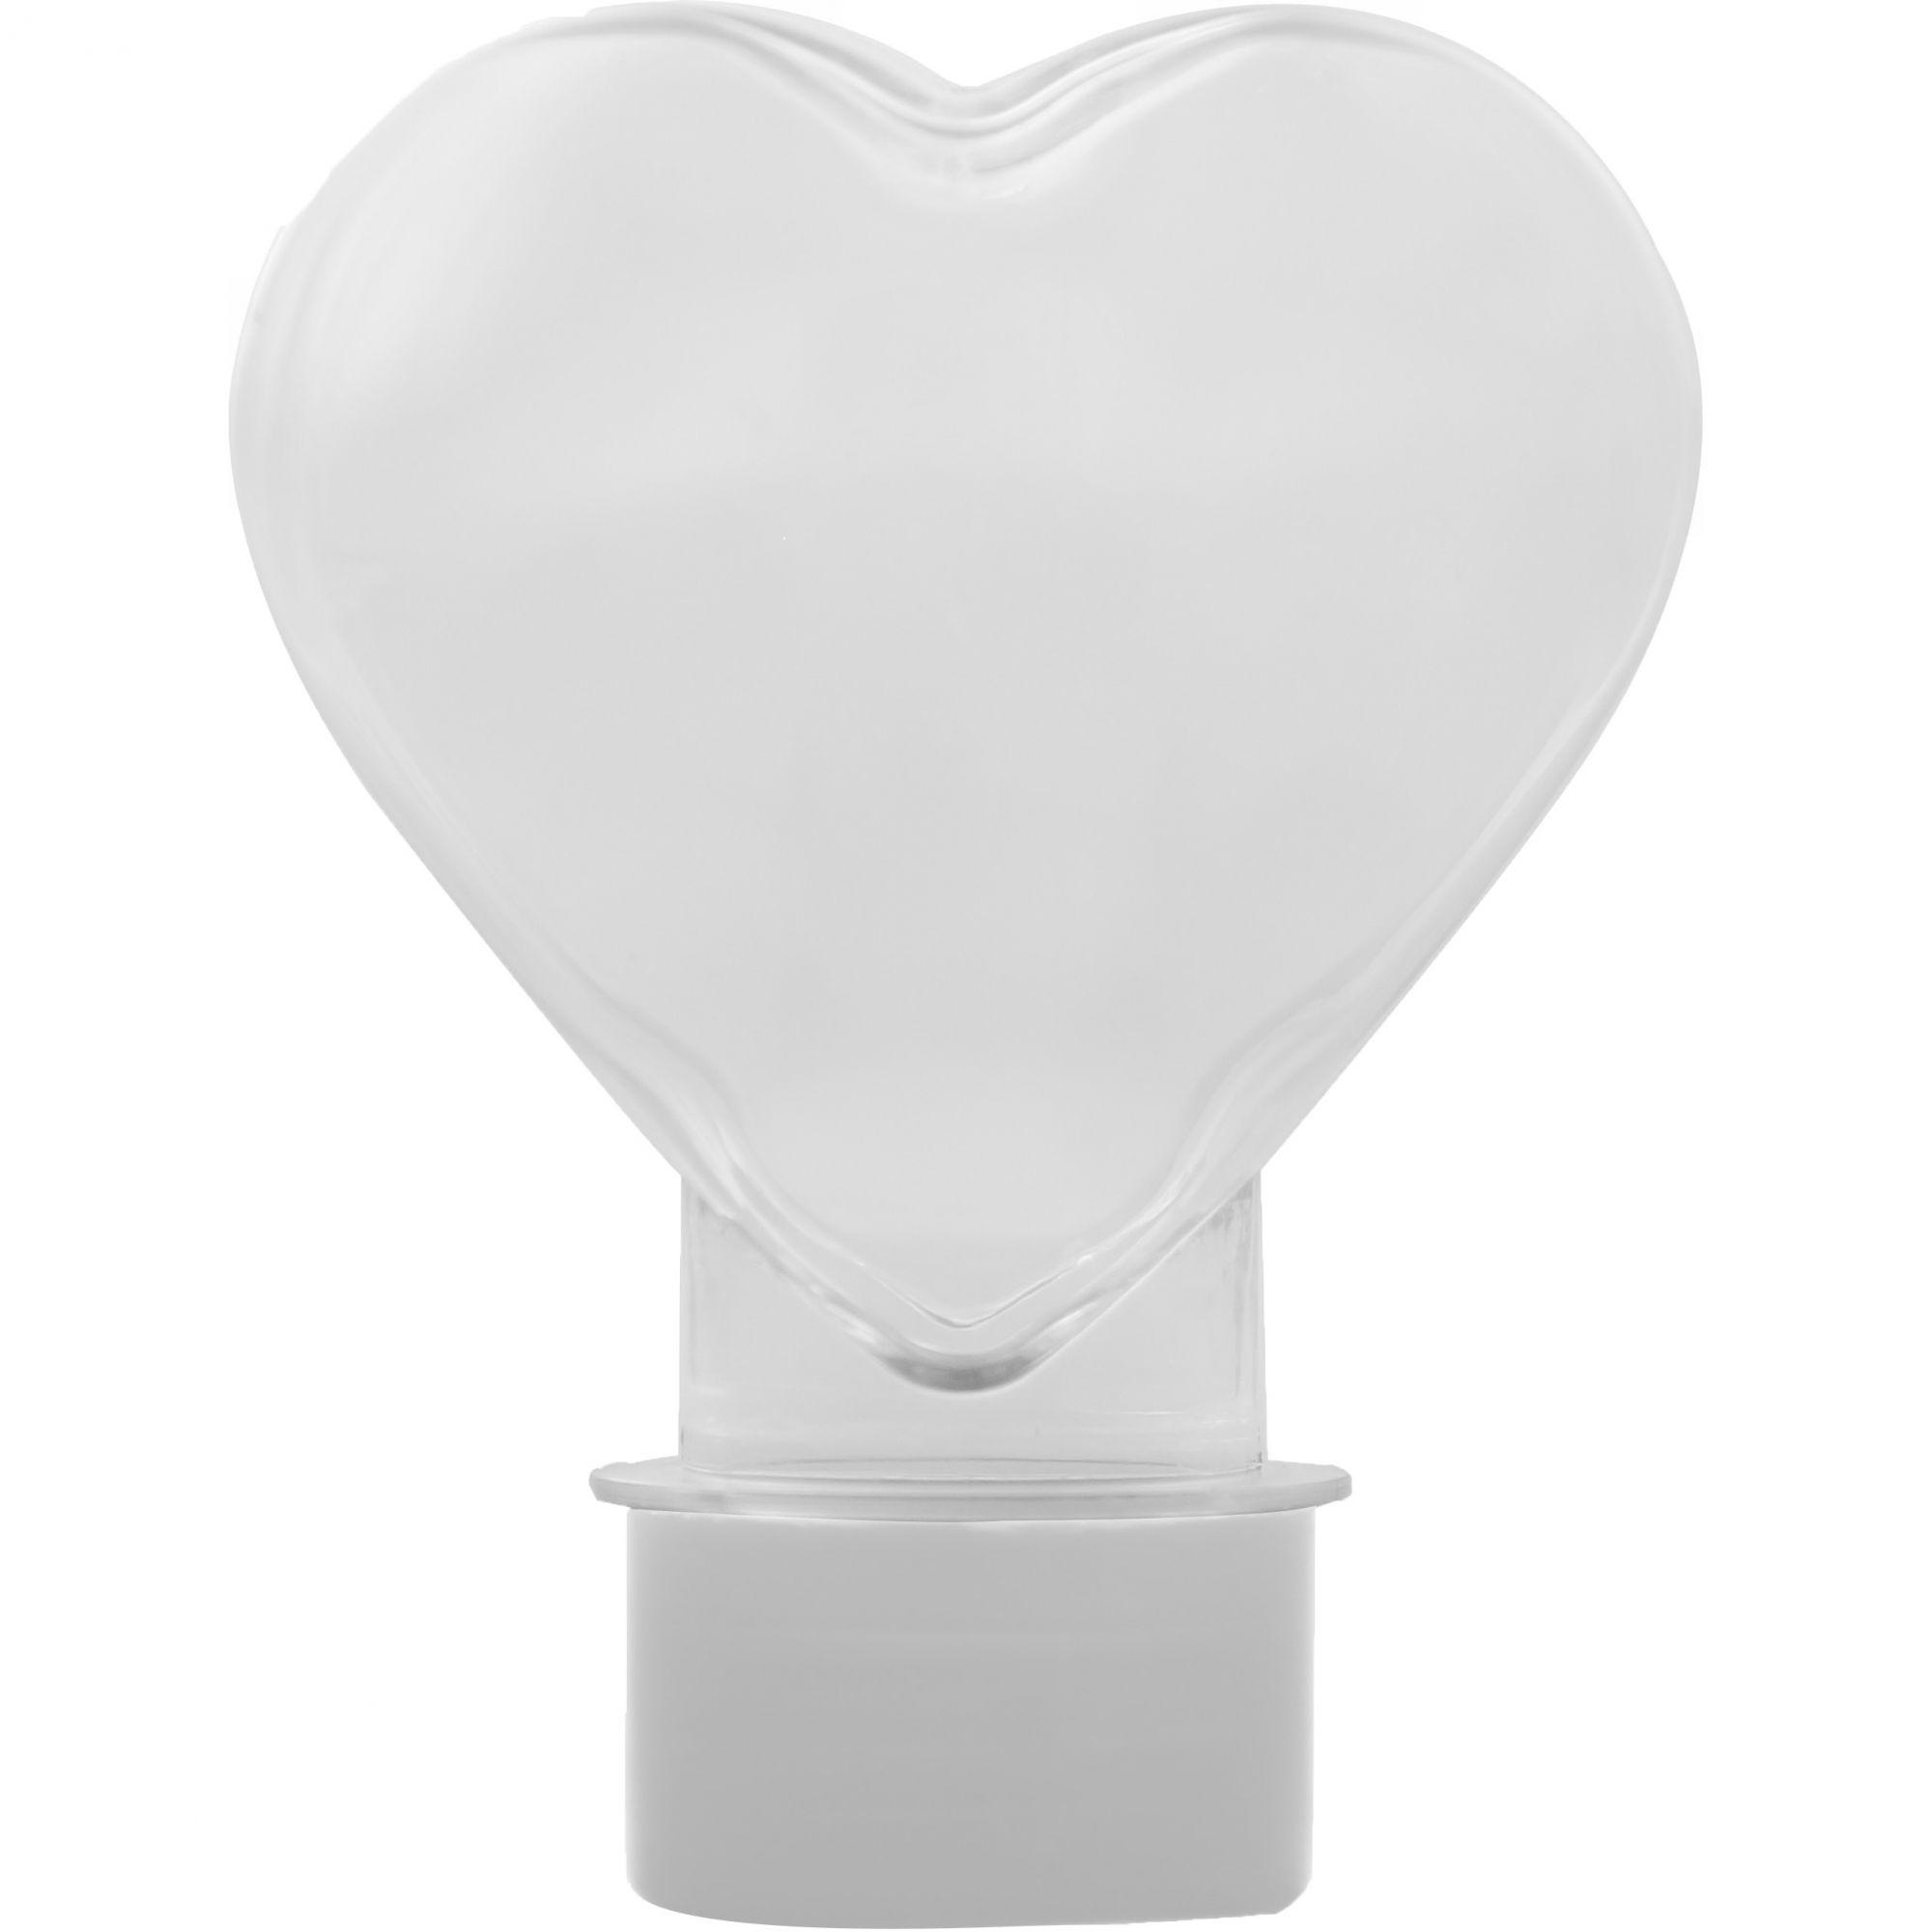 Tubete para Lembrancinhas de Coração c/ 10 unidades